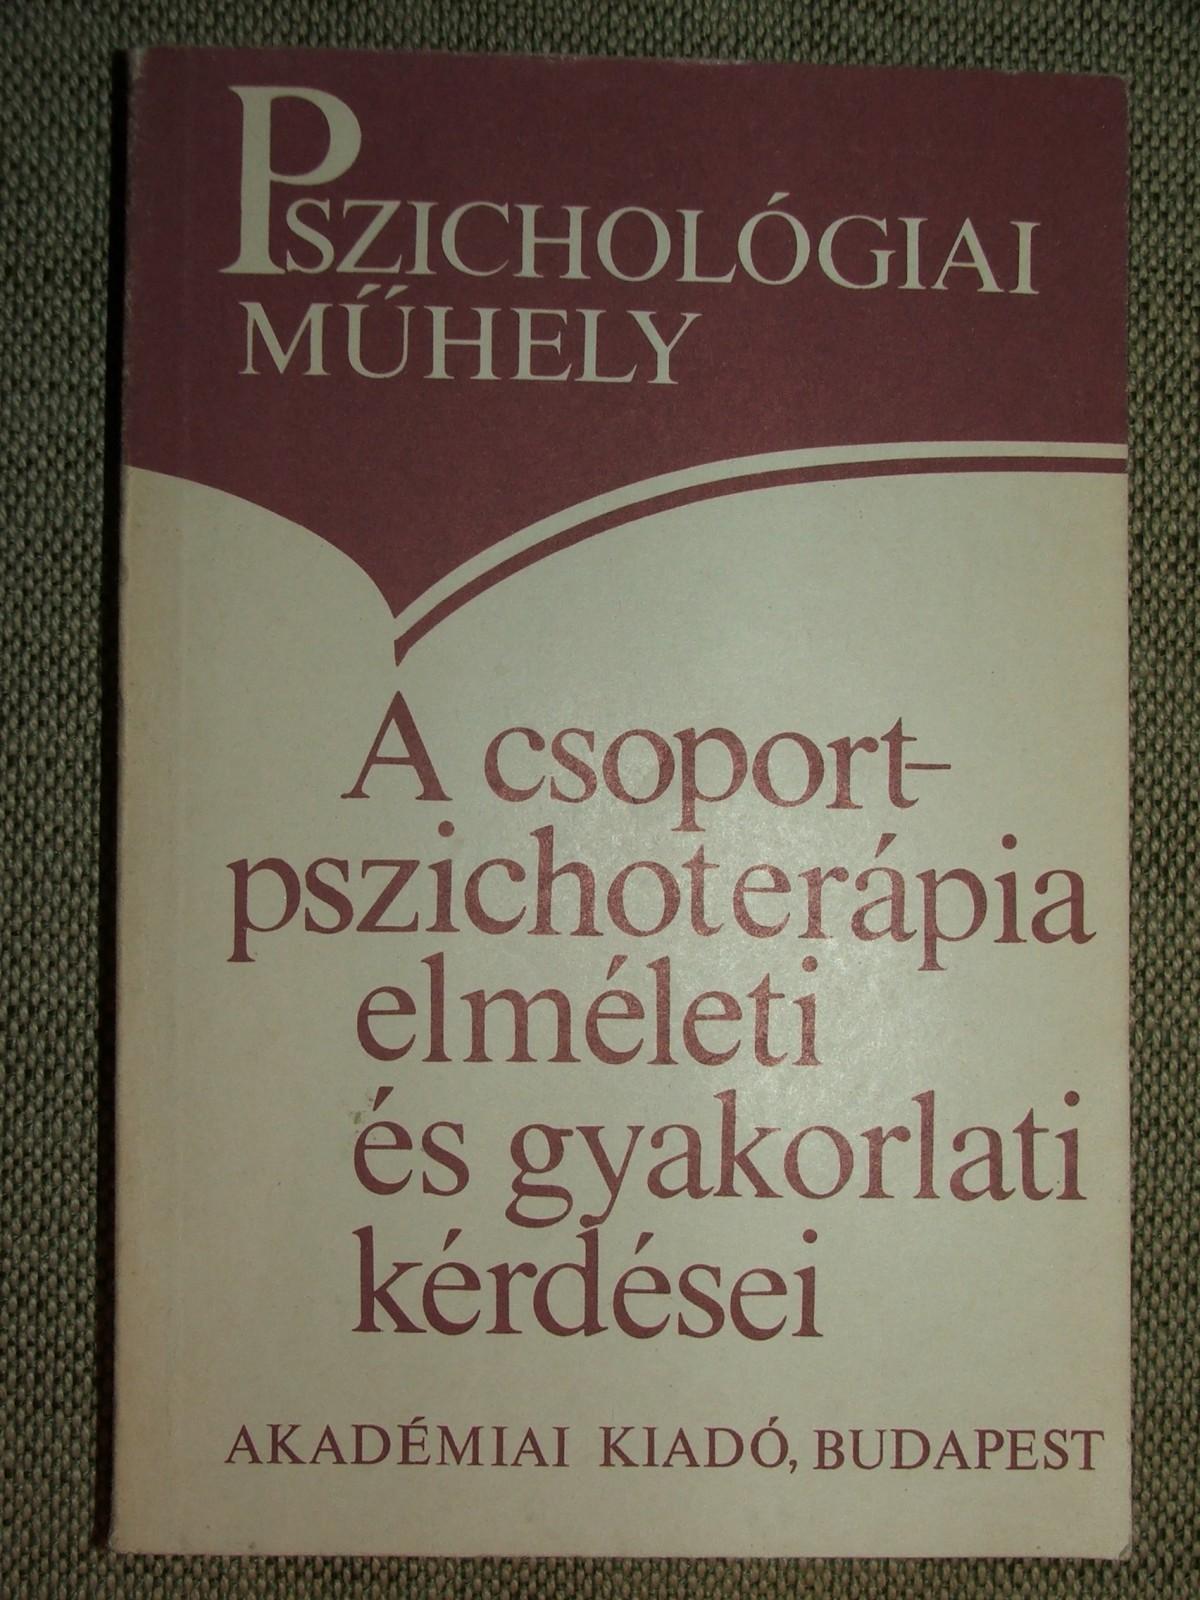 A csoportpszichoterápia elméleti és gyakorlati kérdései